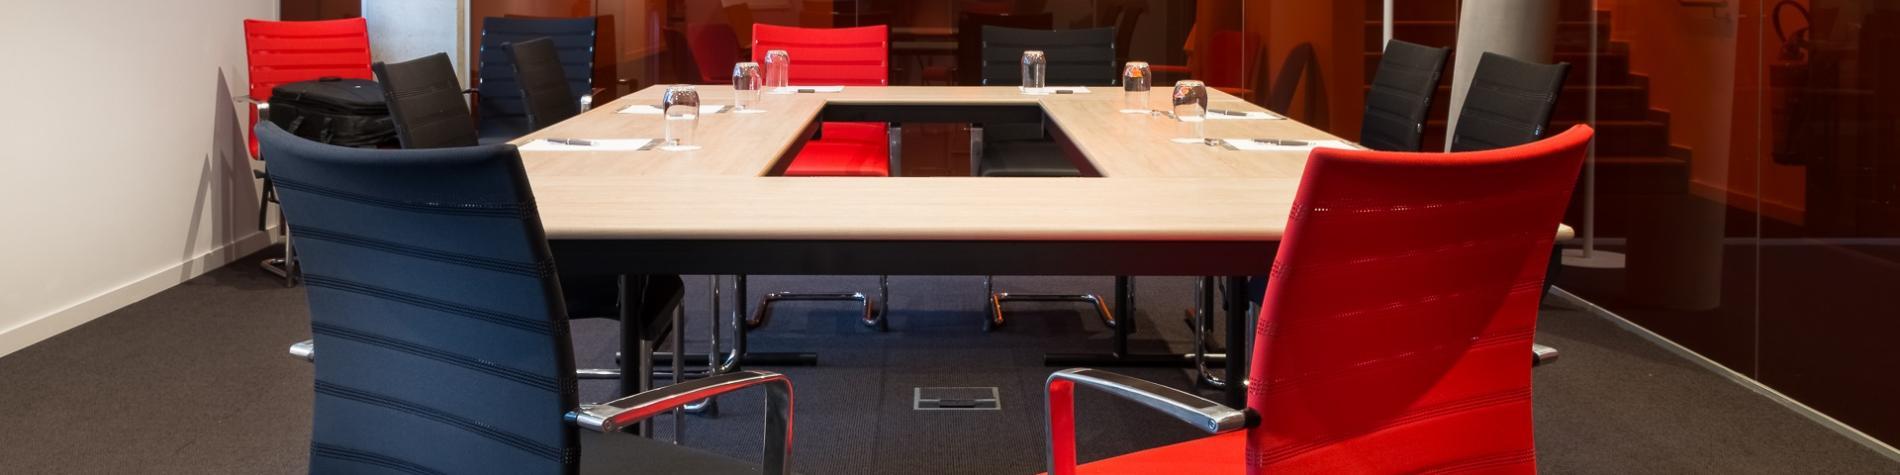 Salle de réunion - Martin's Red